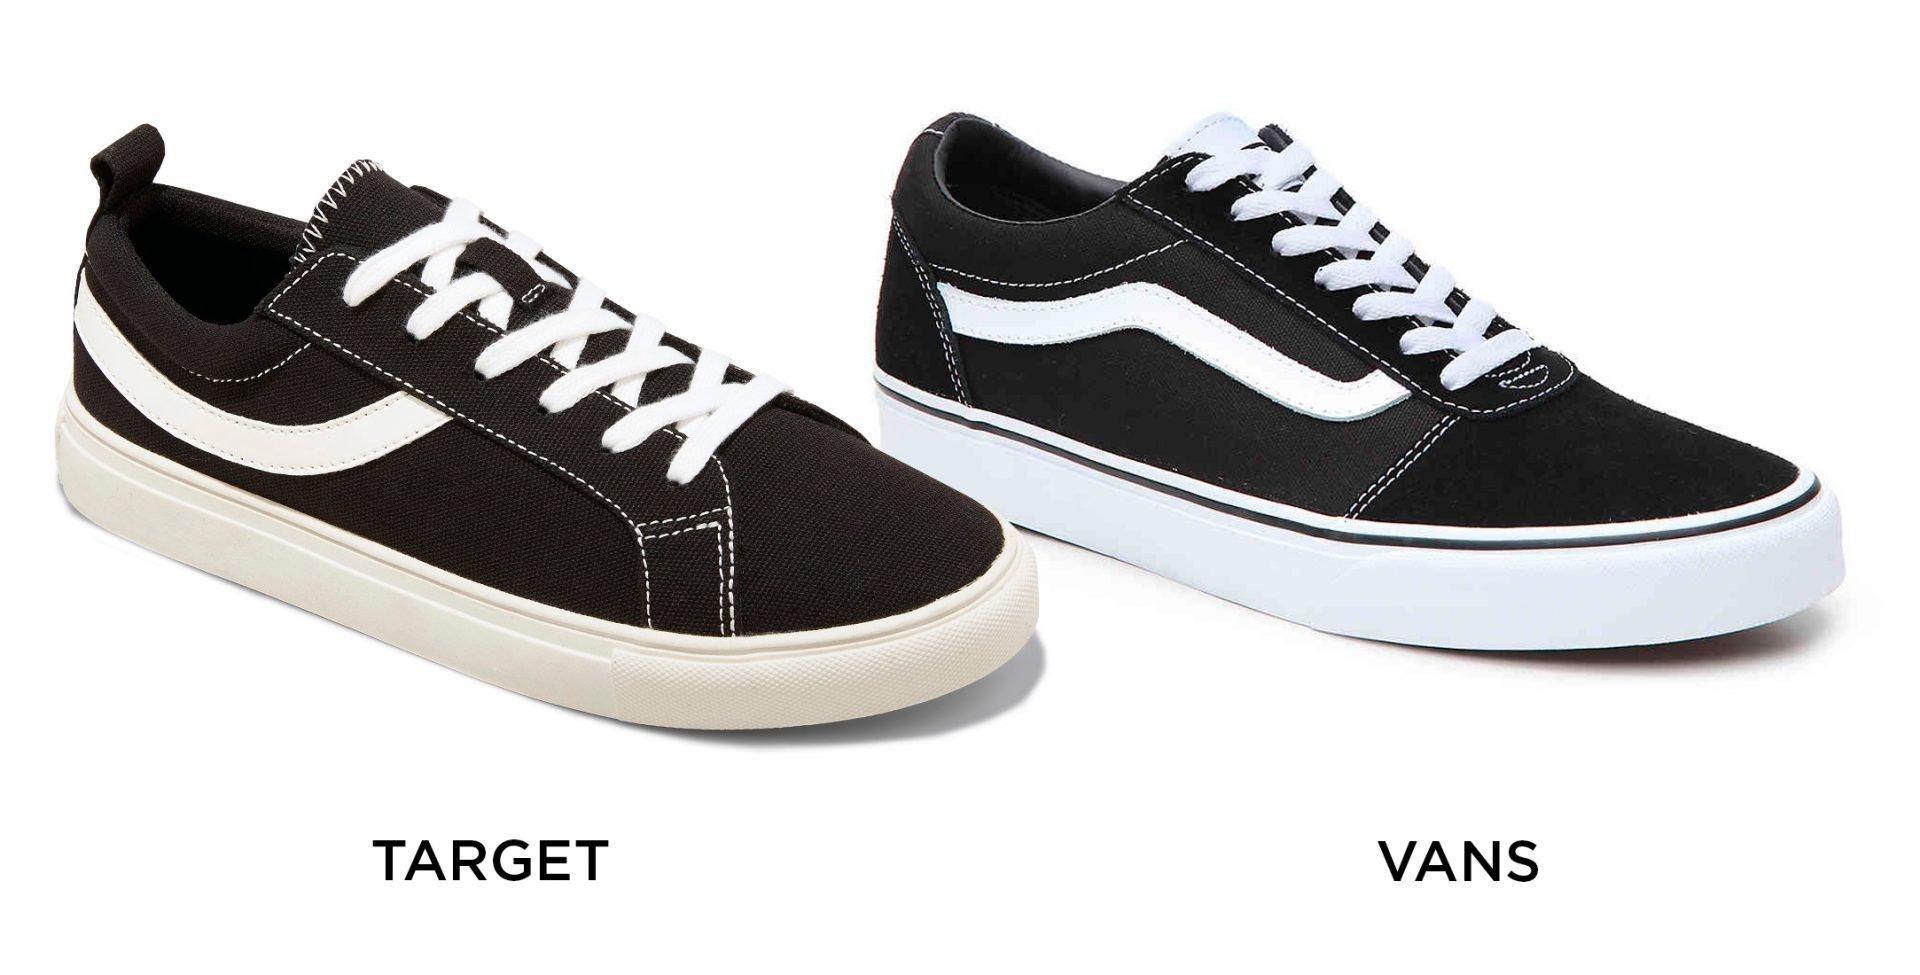 Vans Shoes Sueing Target - Vans Target Lawsuit Old Skool Fake Vans